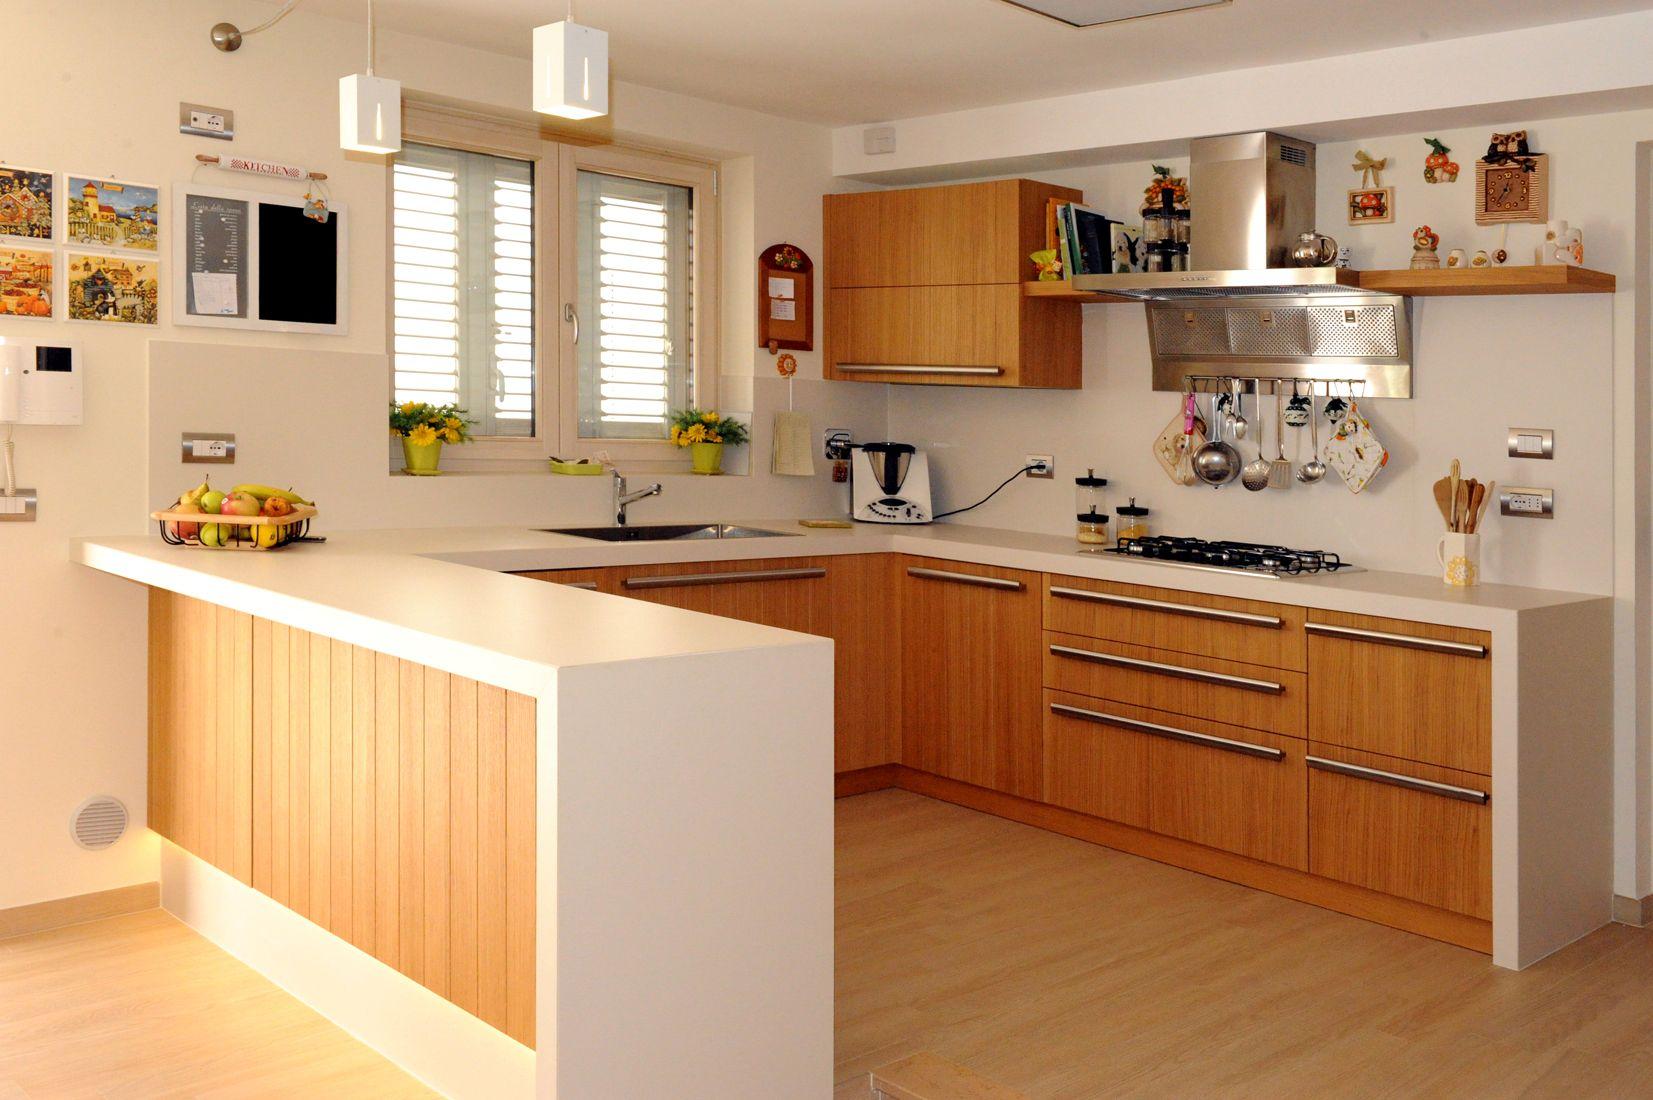 Cucine Rovere Sbiancato Moderne: Cucina bea l 315 h 216 sl ...